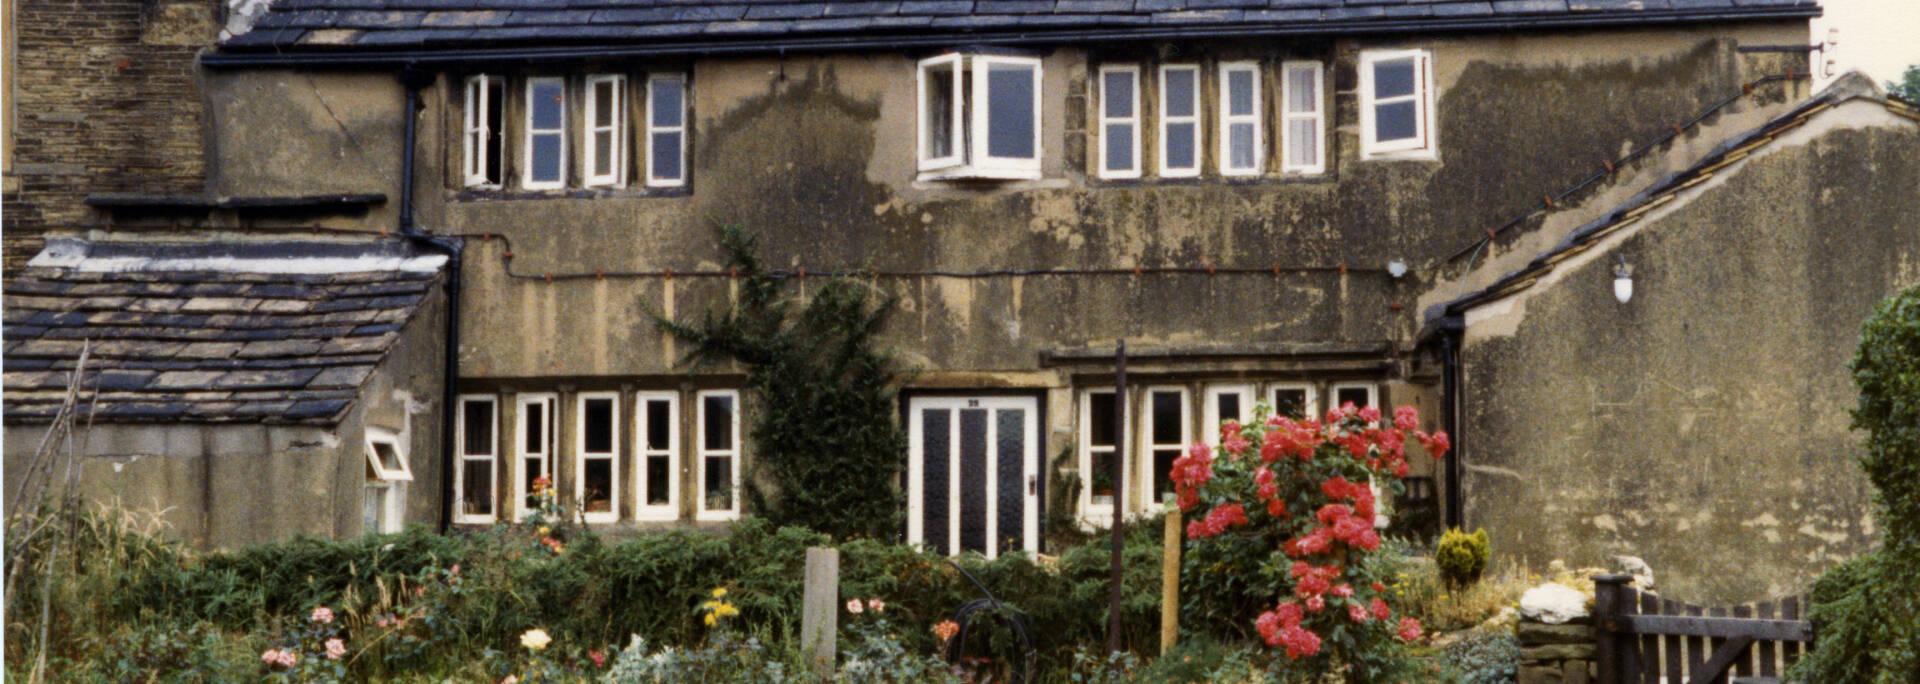 189 Croft Farm cottages, Lower Denby